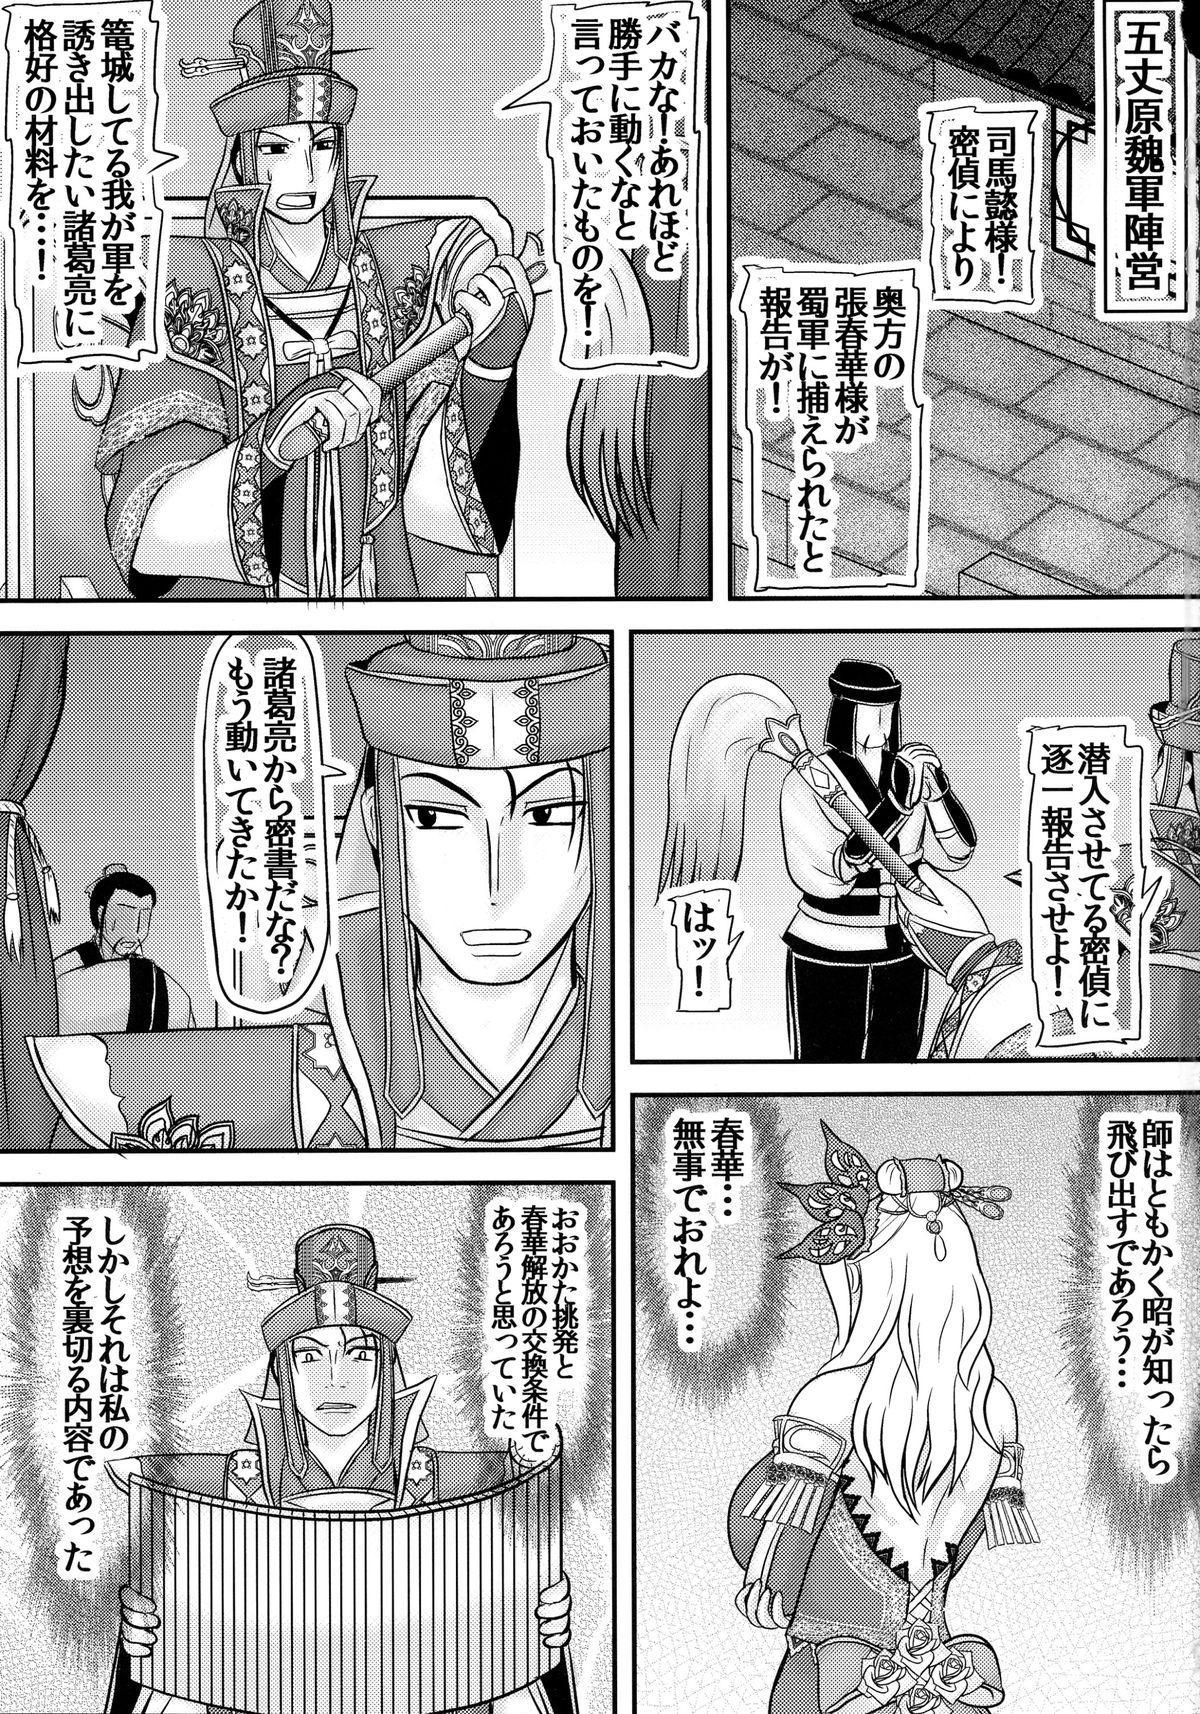 Shukuteki no ko wo Haramu Aisai 2